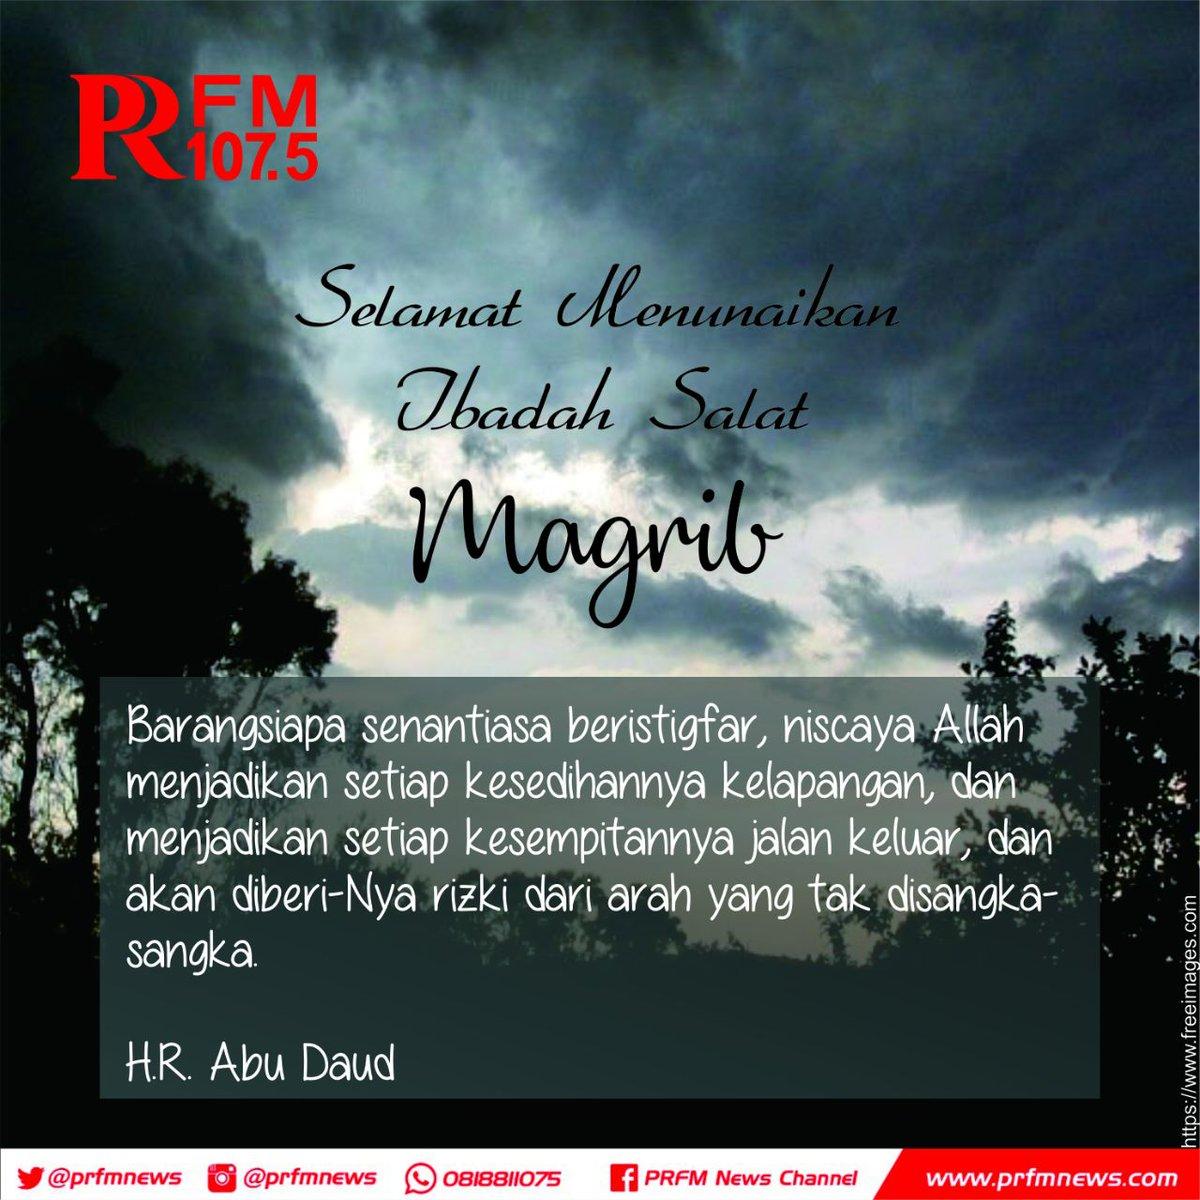 Radio Prfm Bandung Pa Twitter Telah Tiba Adzan Maghrib Untuk